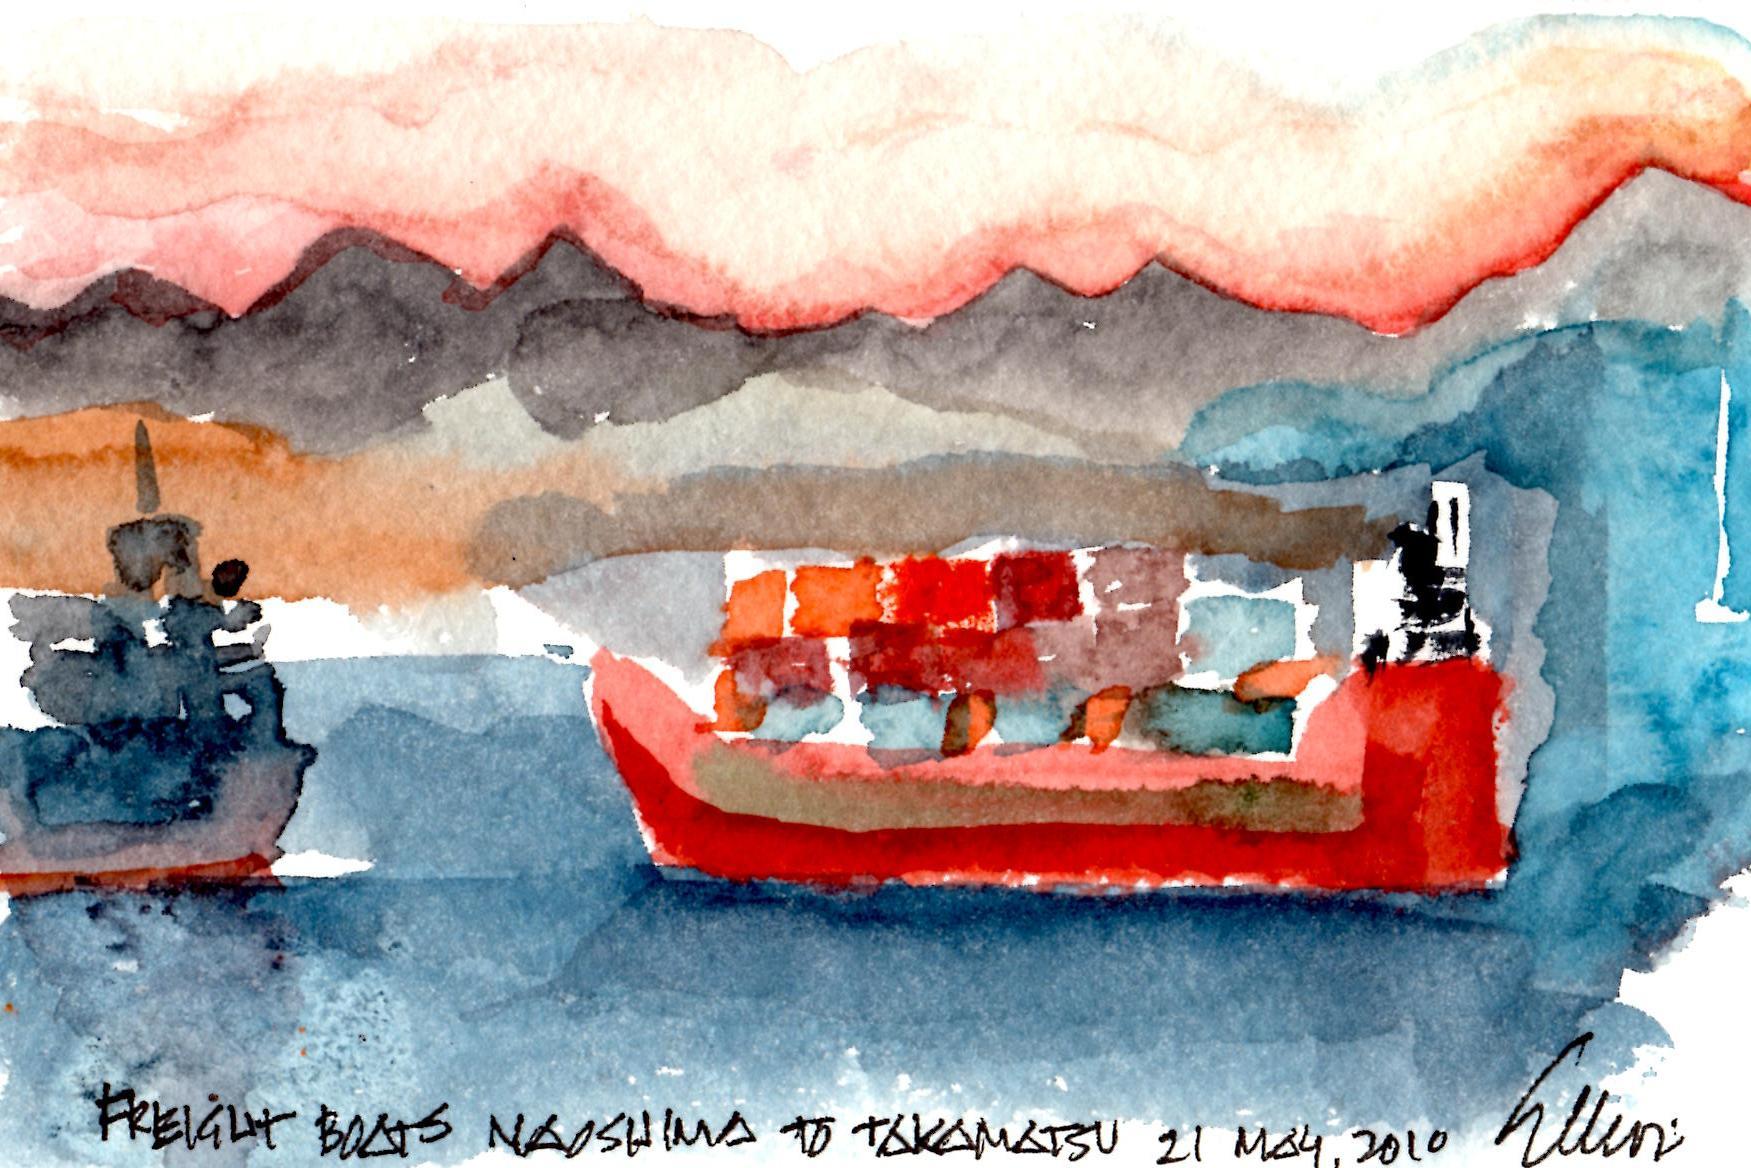 Freight Boats Naoshima to Takamatsu